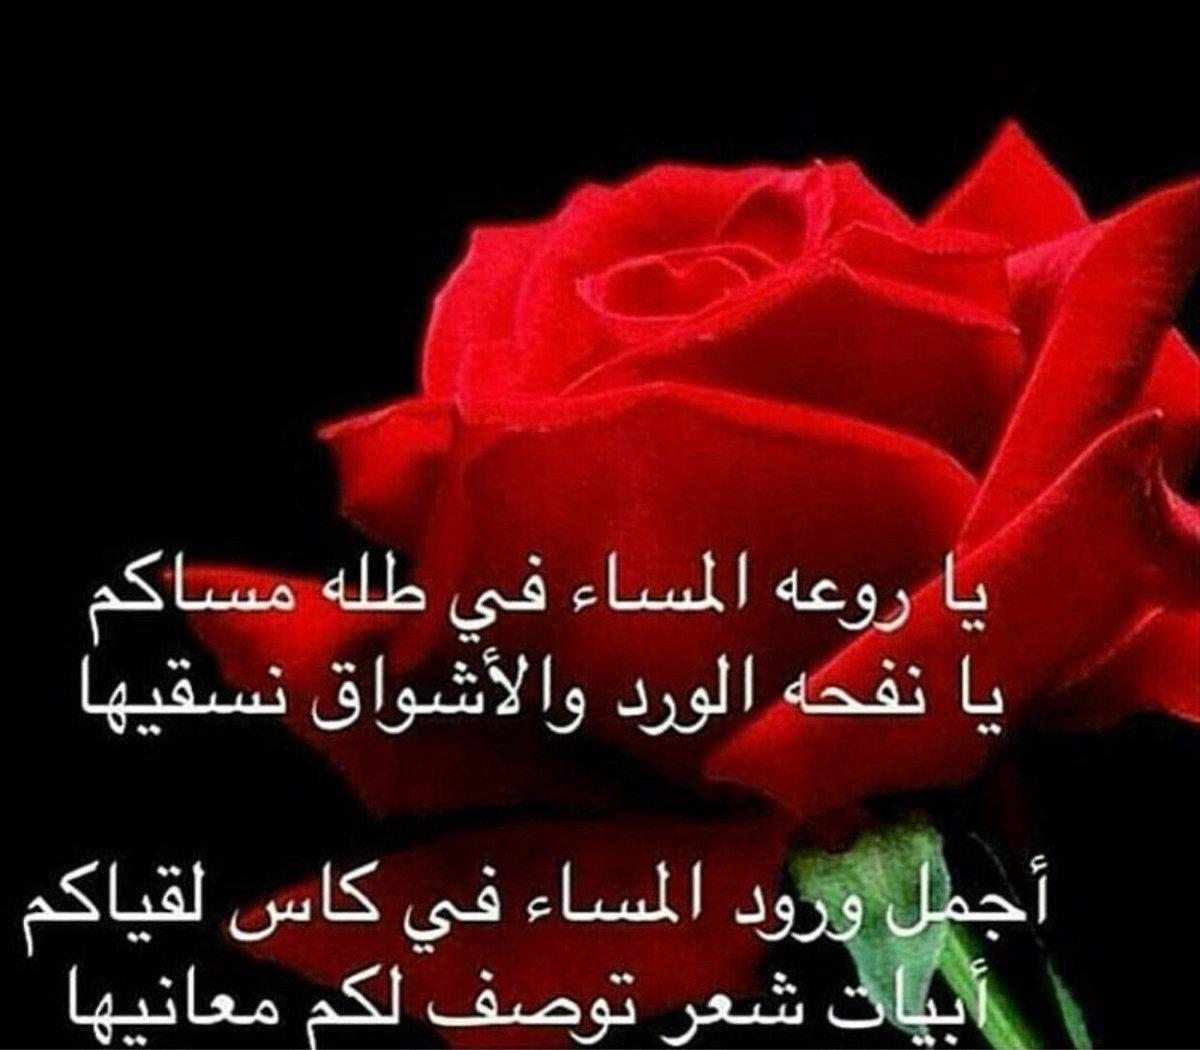 بالصور احلى اشعار , الشعر واجزاء جميله من الشعر 1703 5